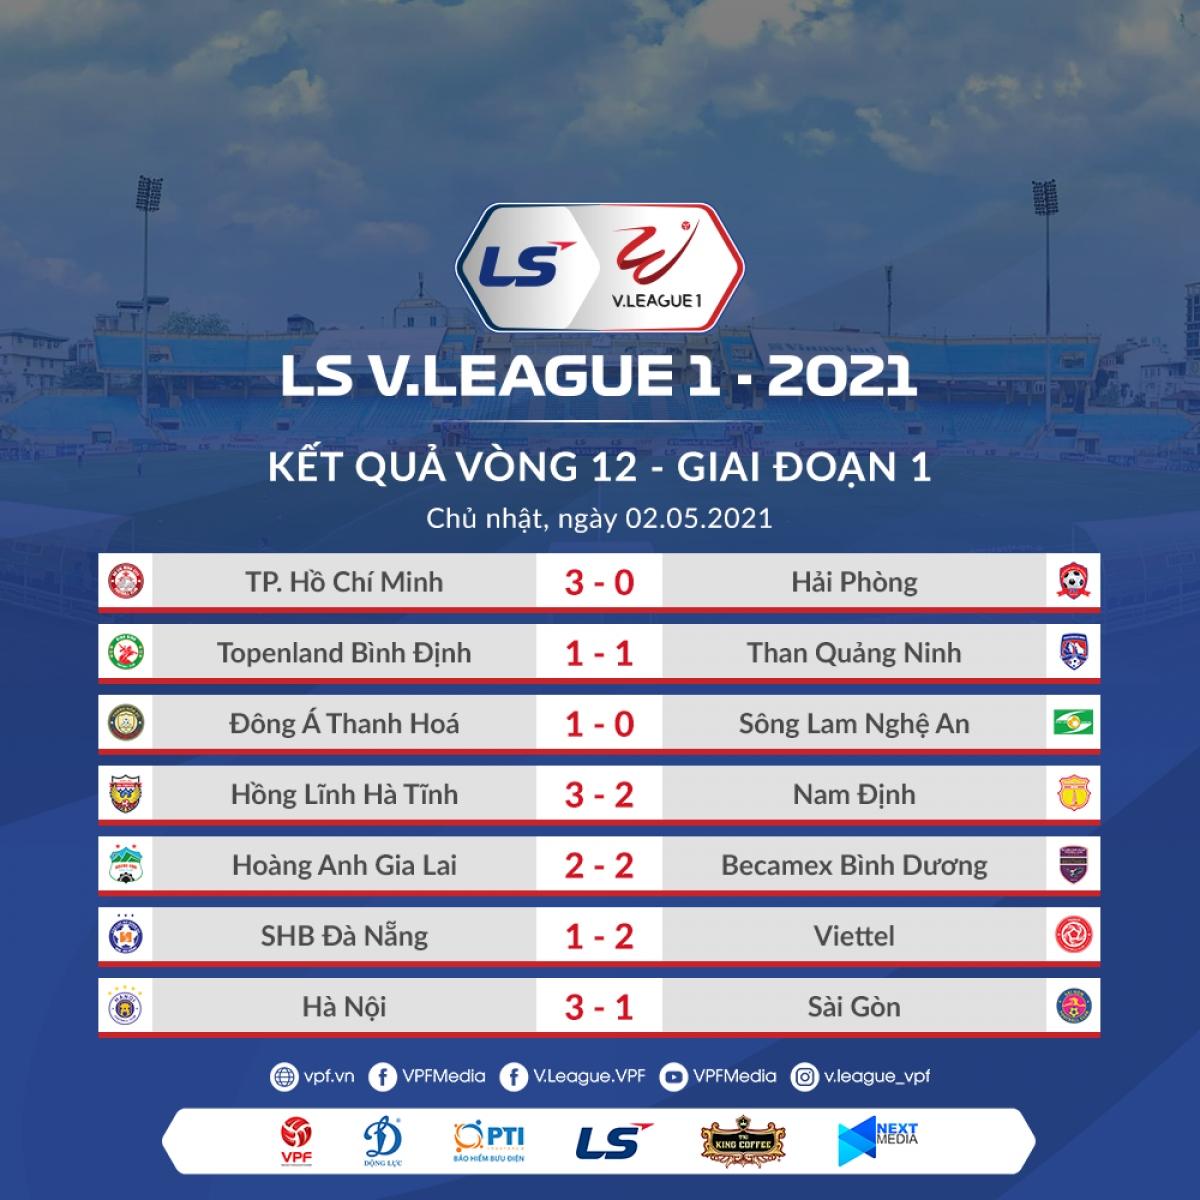 Kết quả vòng 12 V-League 2021. (Ảnh: VPF)